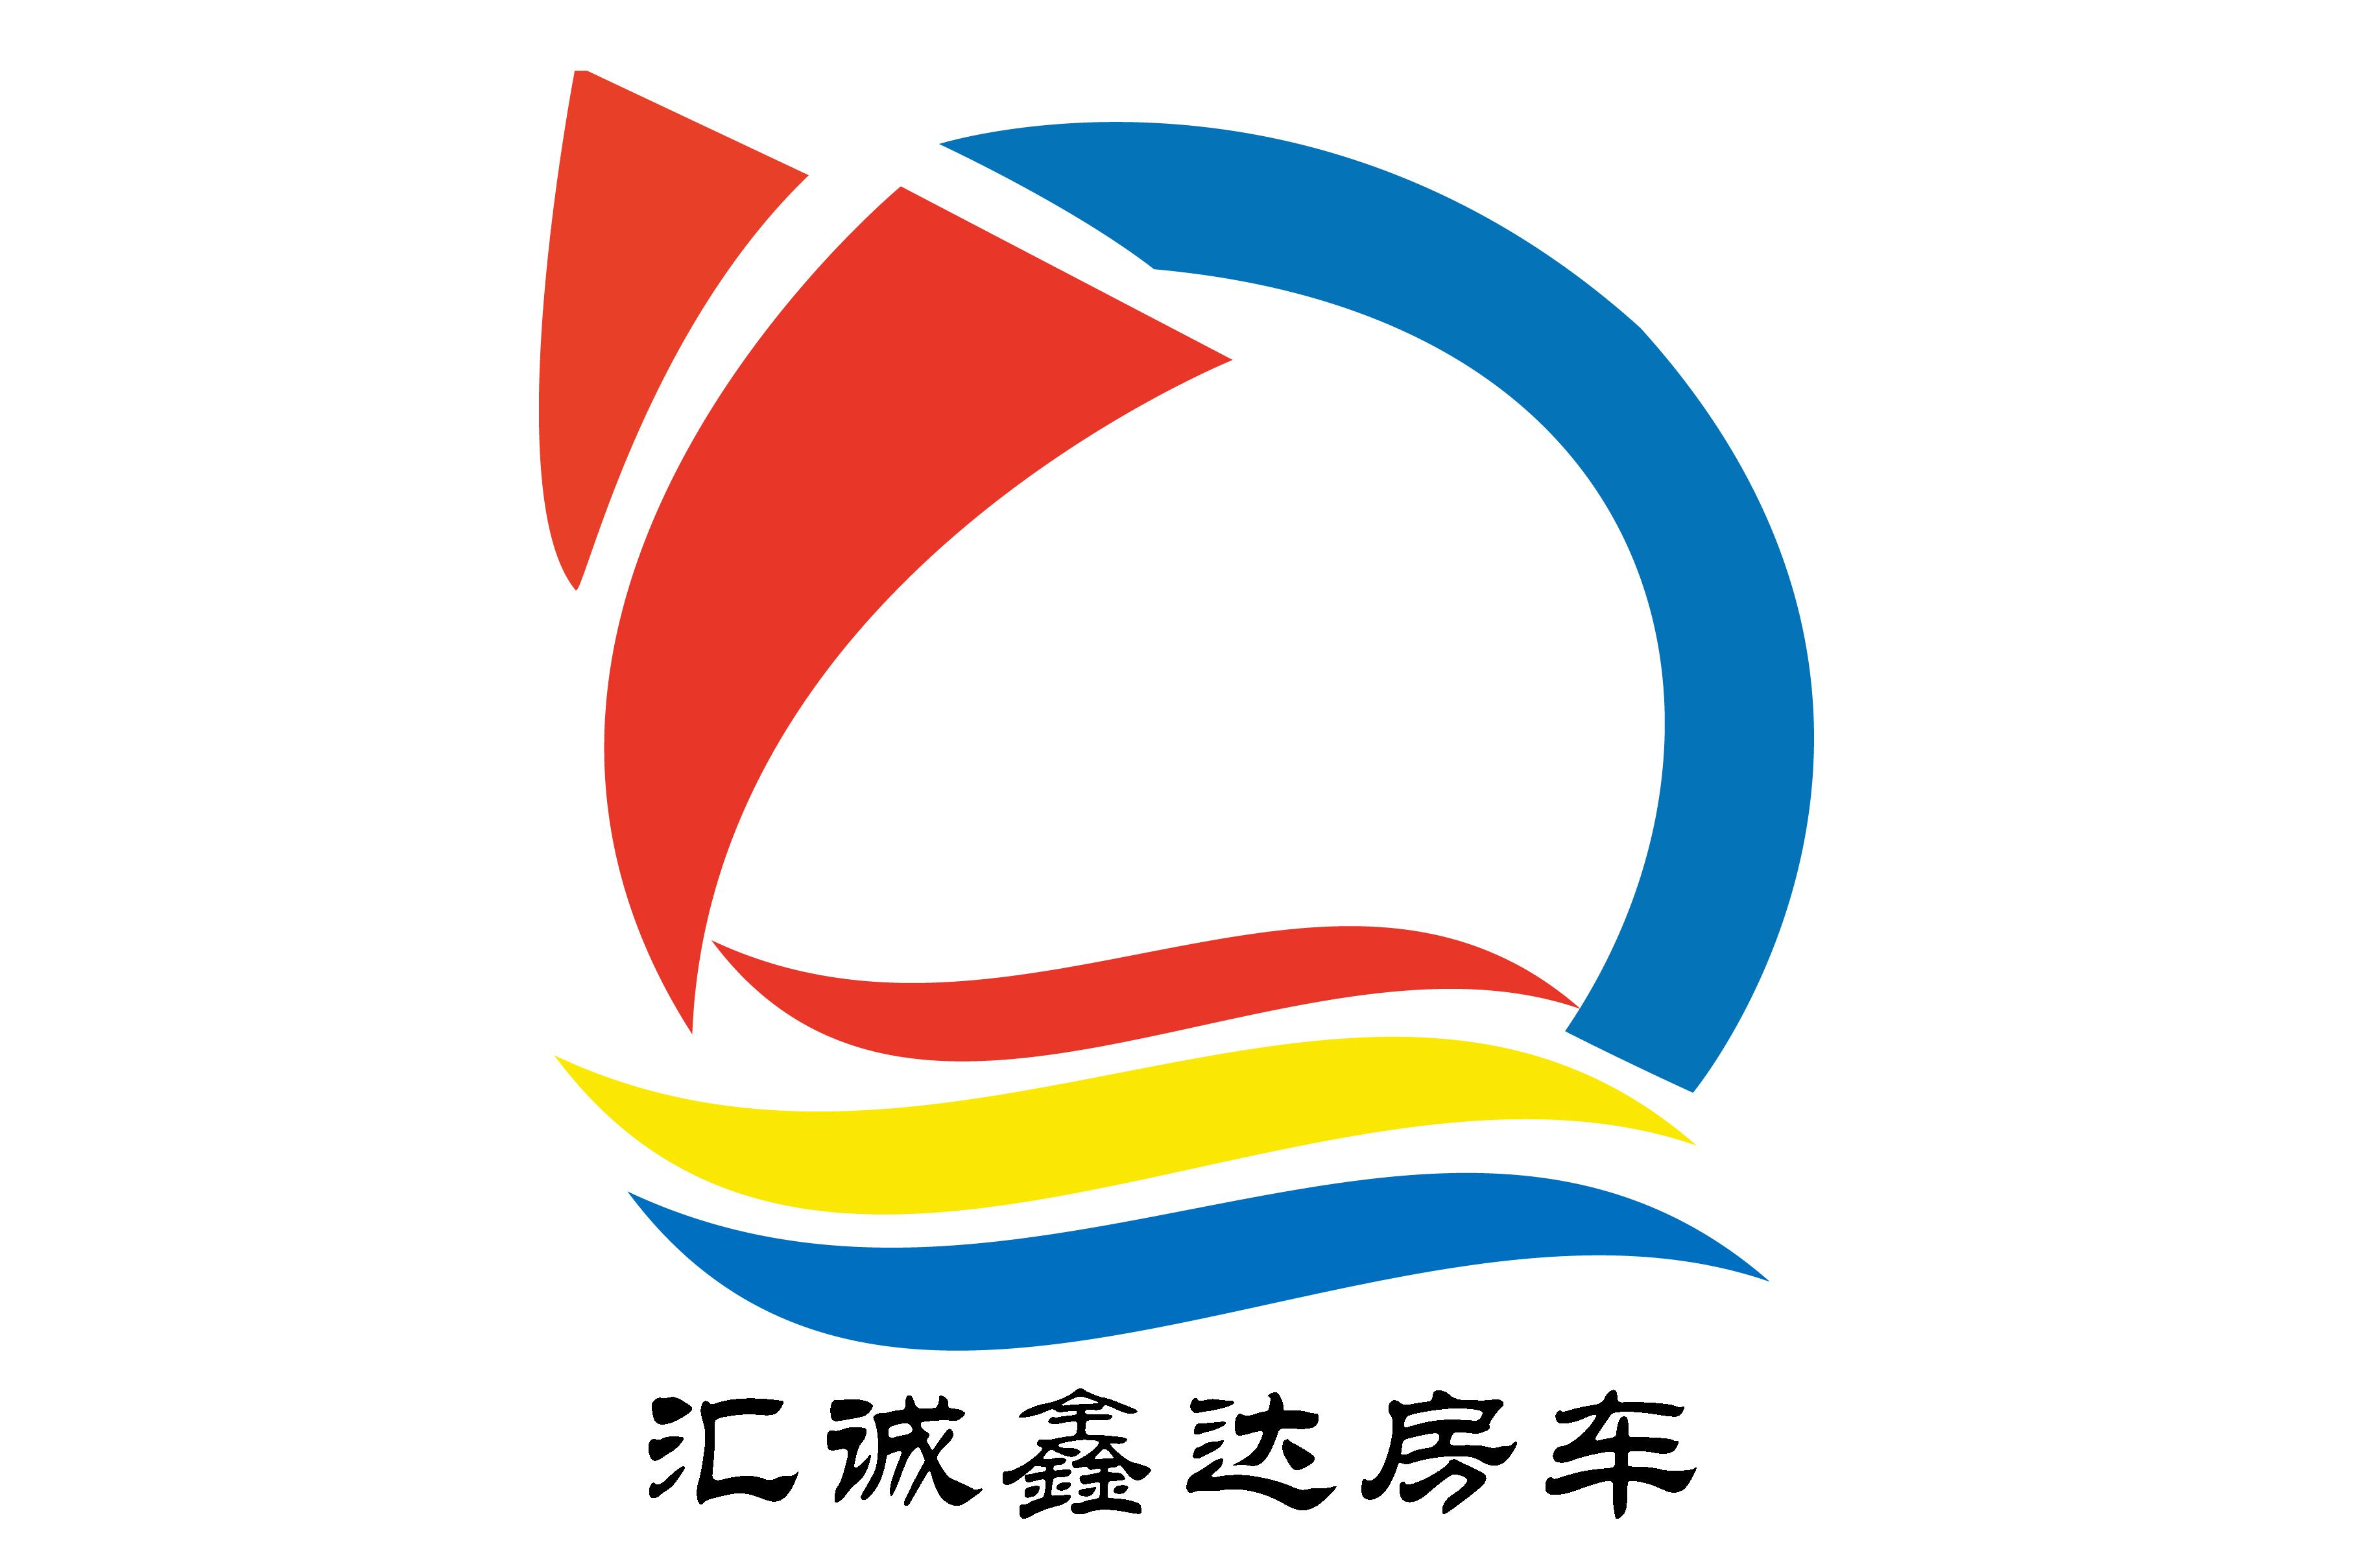 北京汇诚鑫达汽车销售有限公司